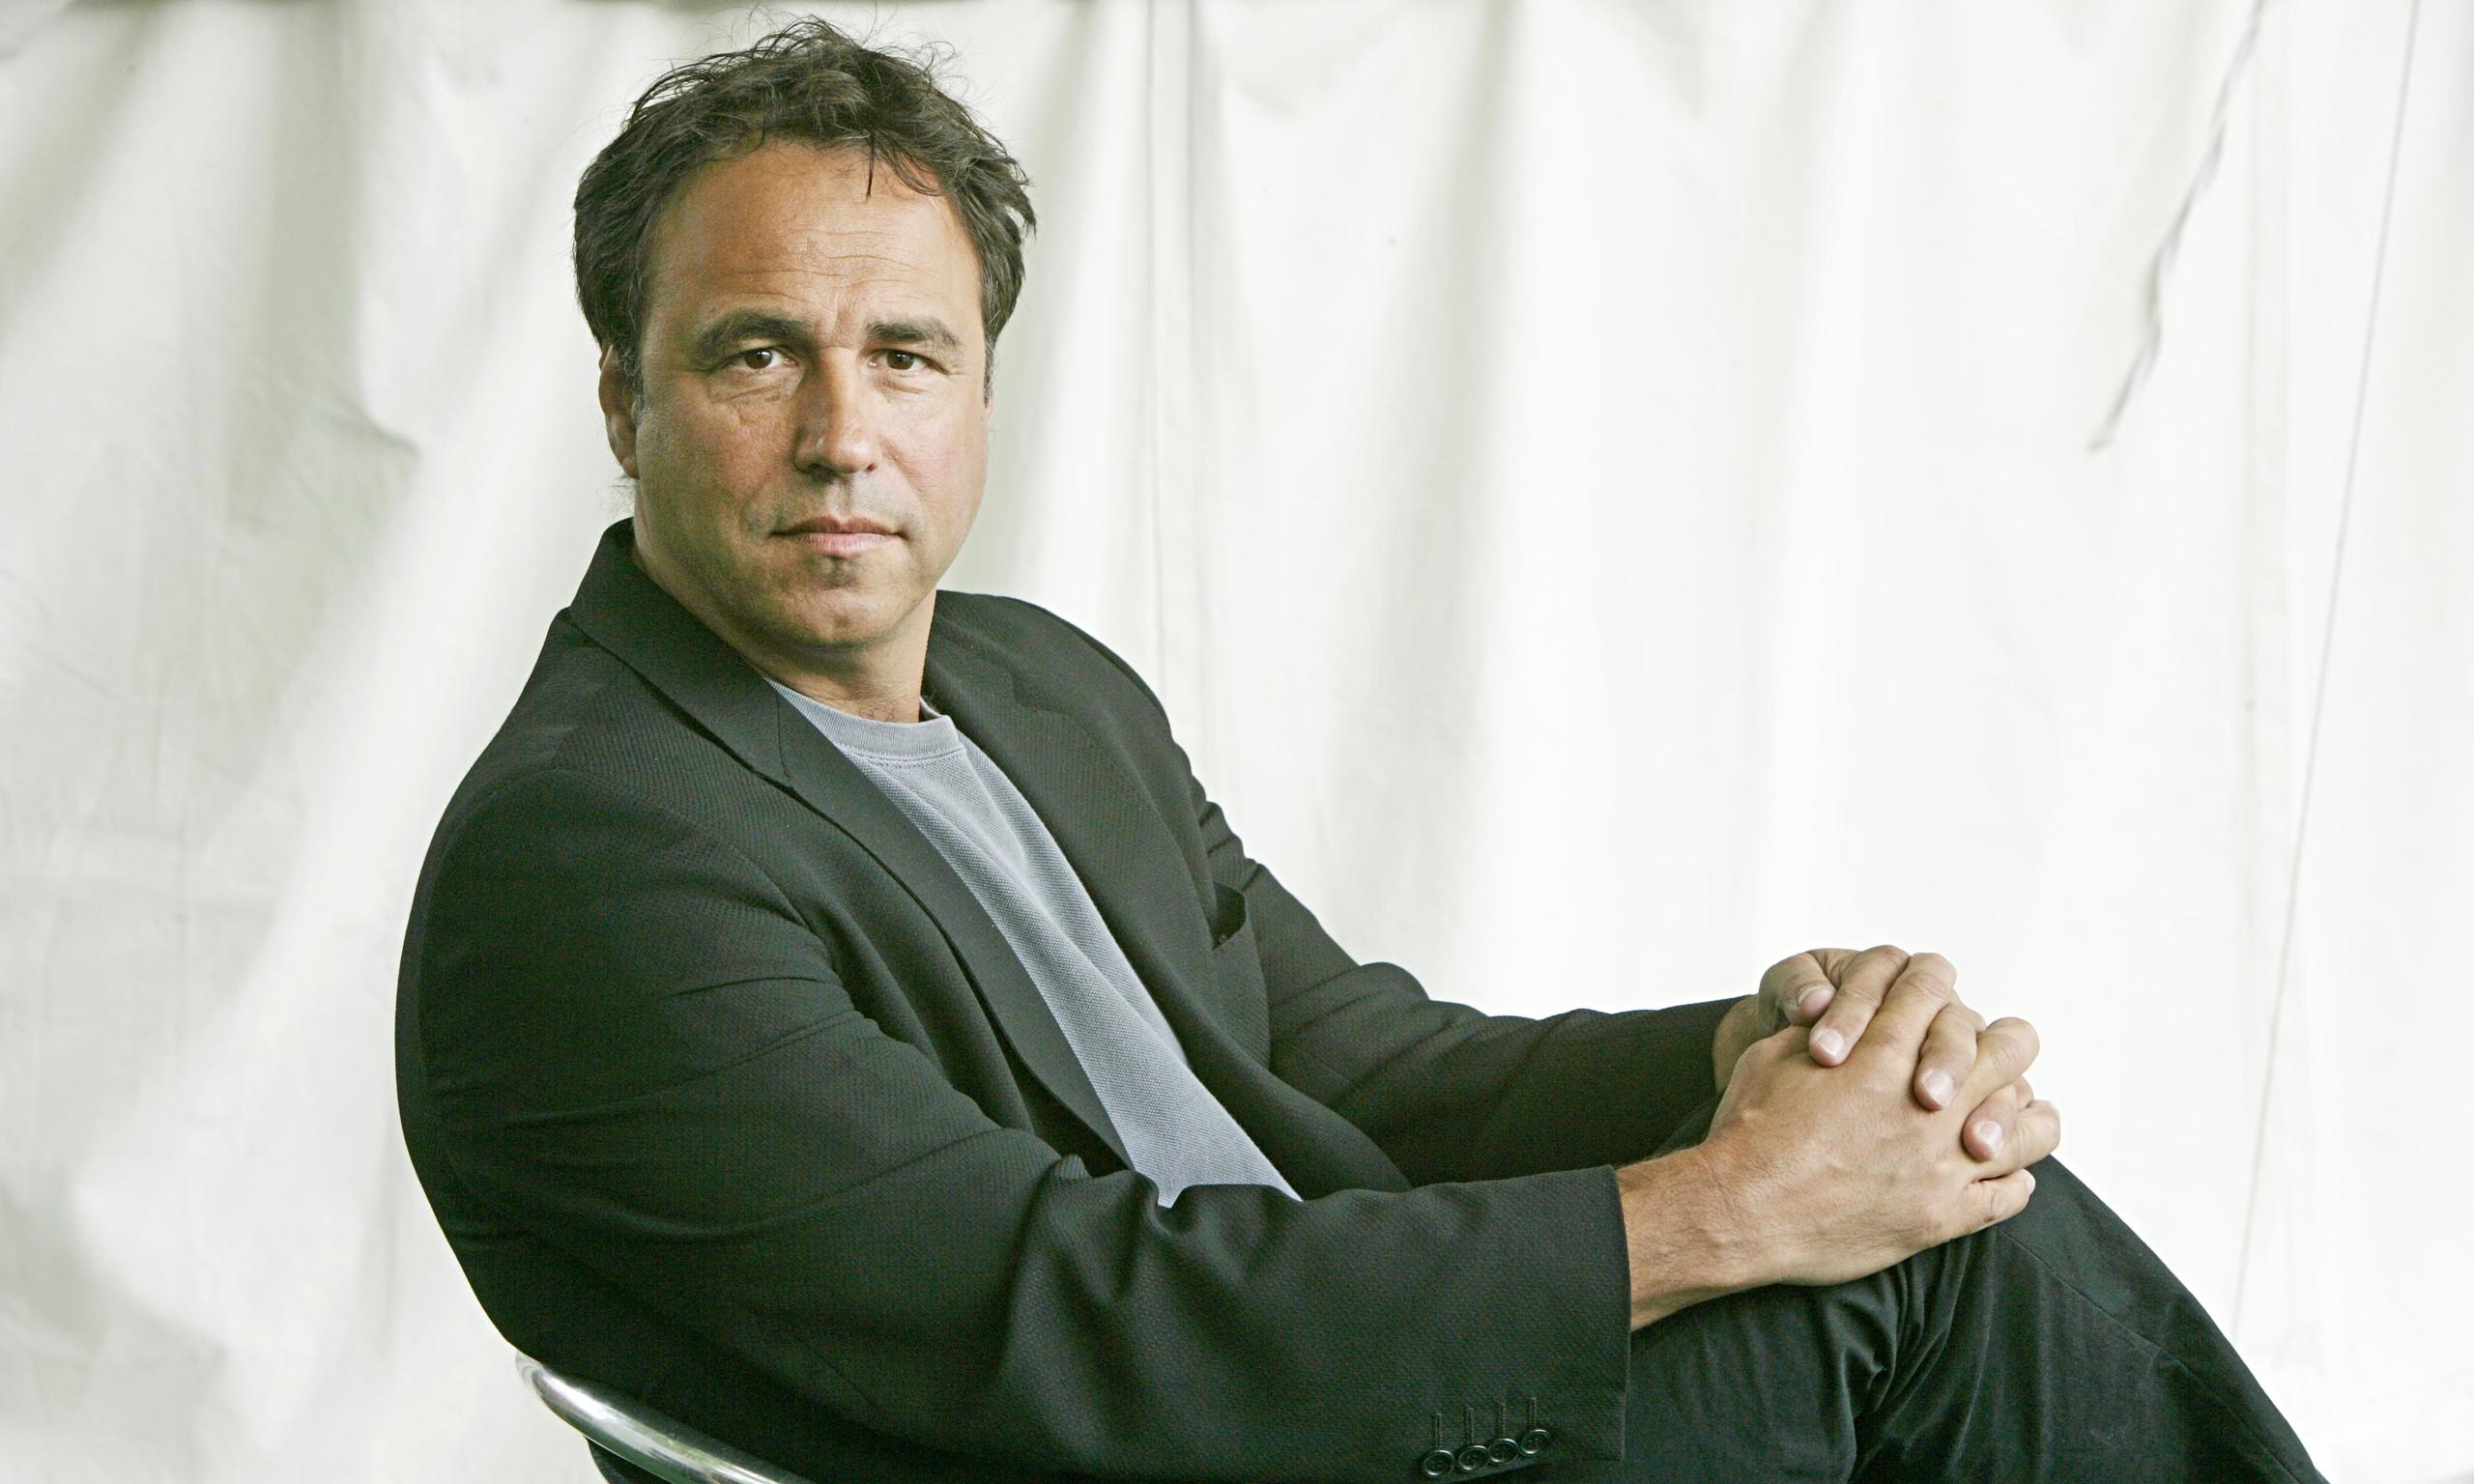 Author: Anthony Horowitz Is Writing New James Bond Novel From Ian